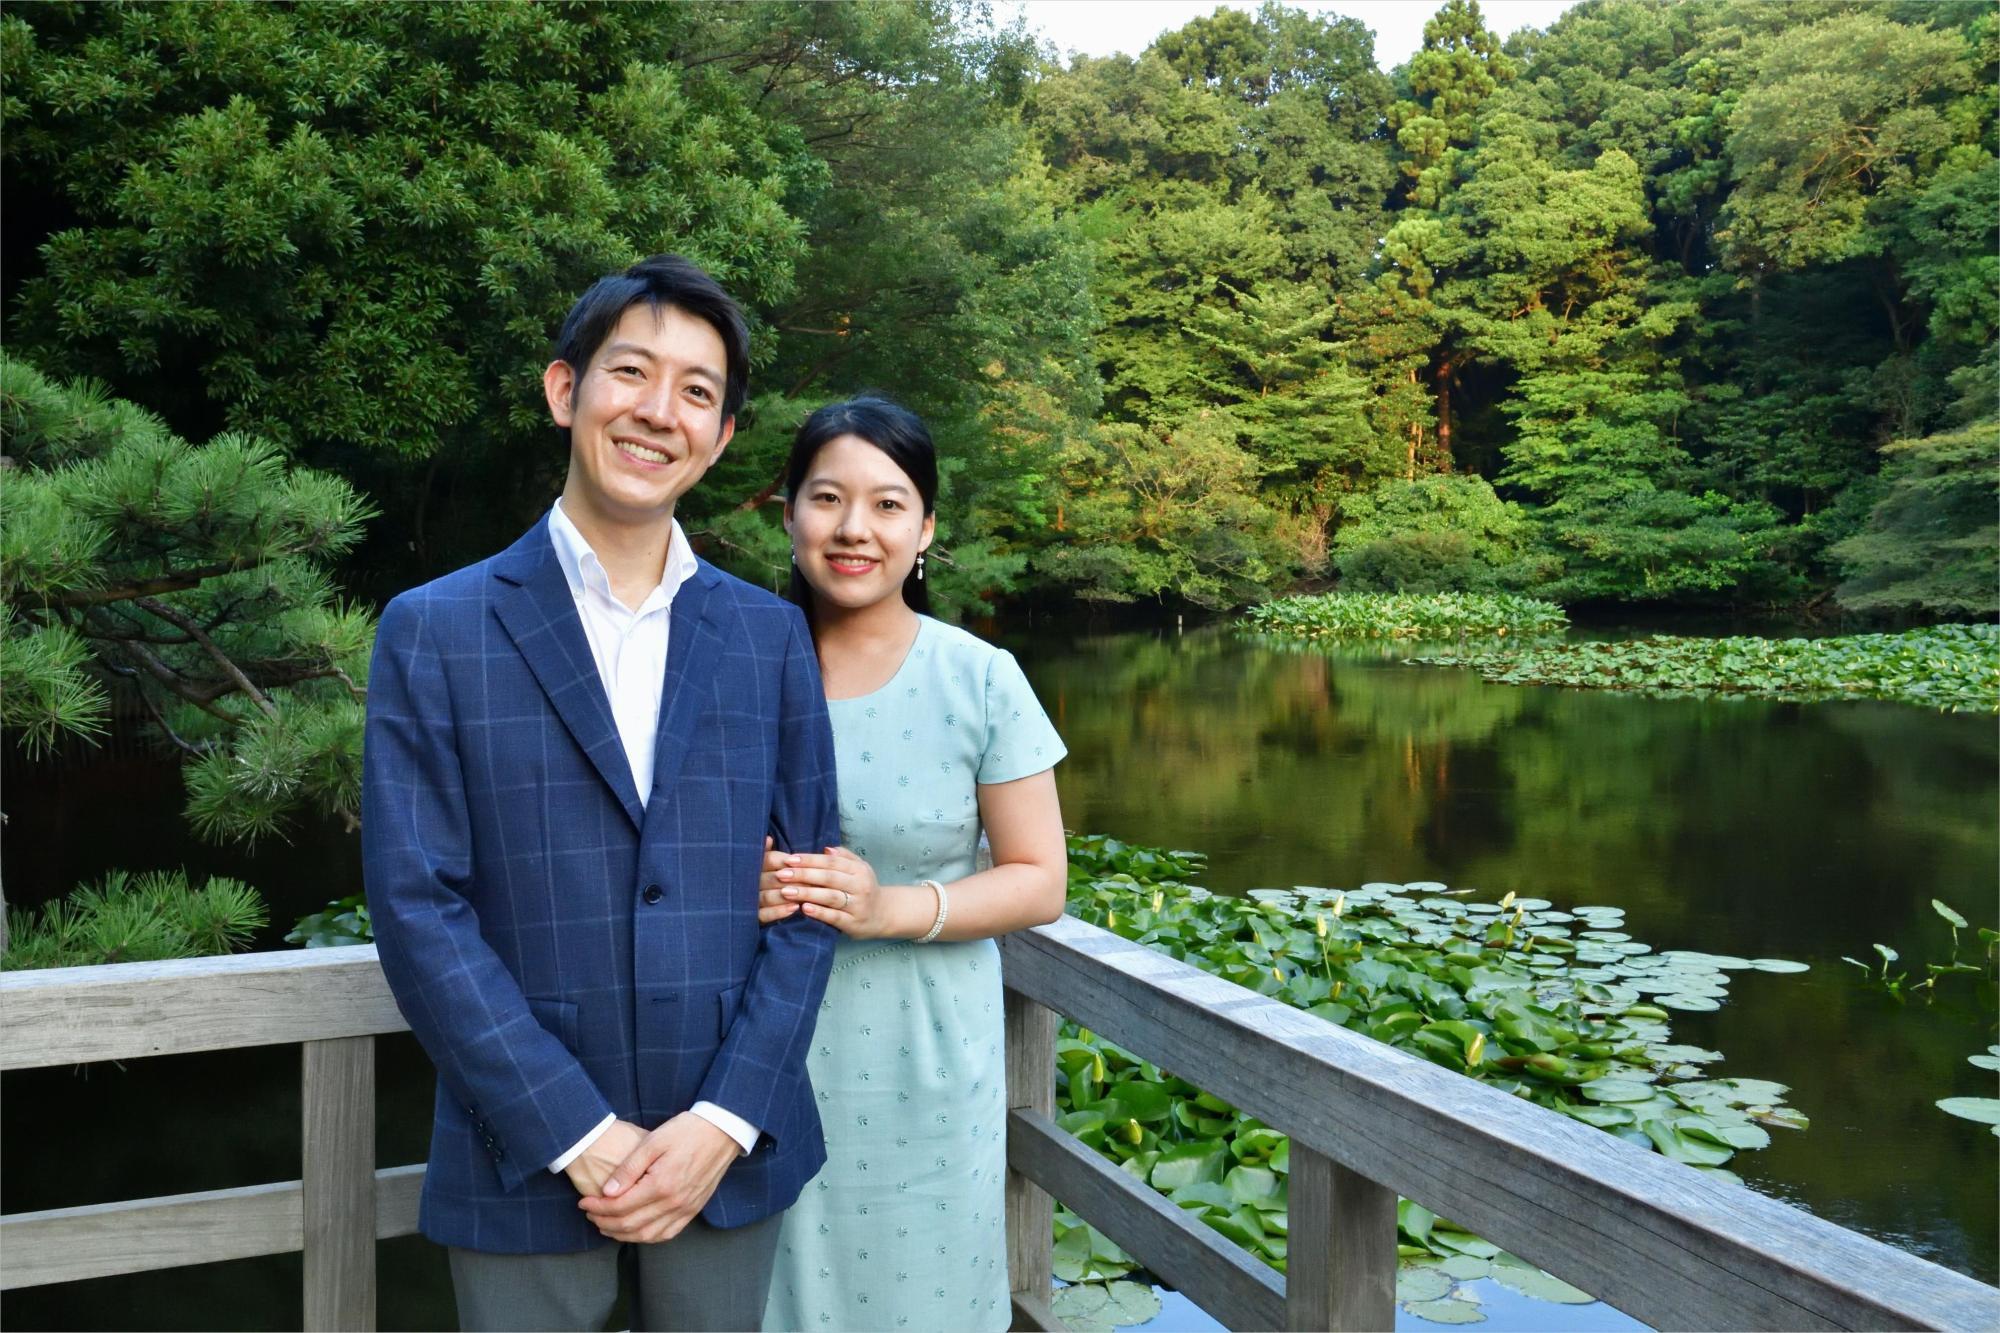 Hôm nay công chúa Nhật Bản kết duyên với thường dân, chấp nhận rời hoàng tộc cùng khoản tiền mừng cưới 22 tỷ đồng 2